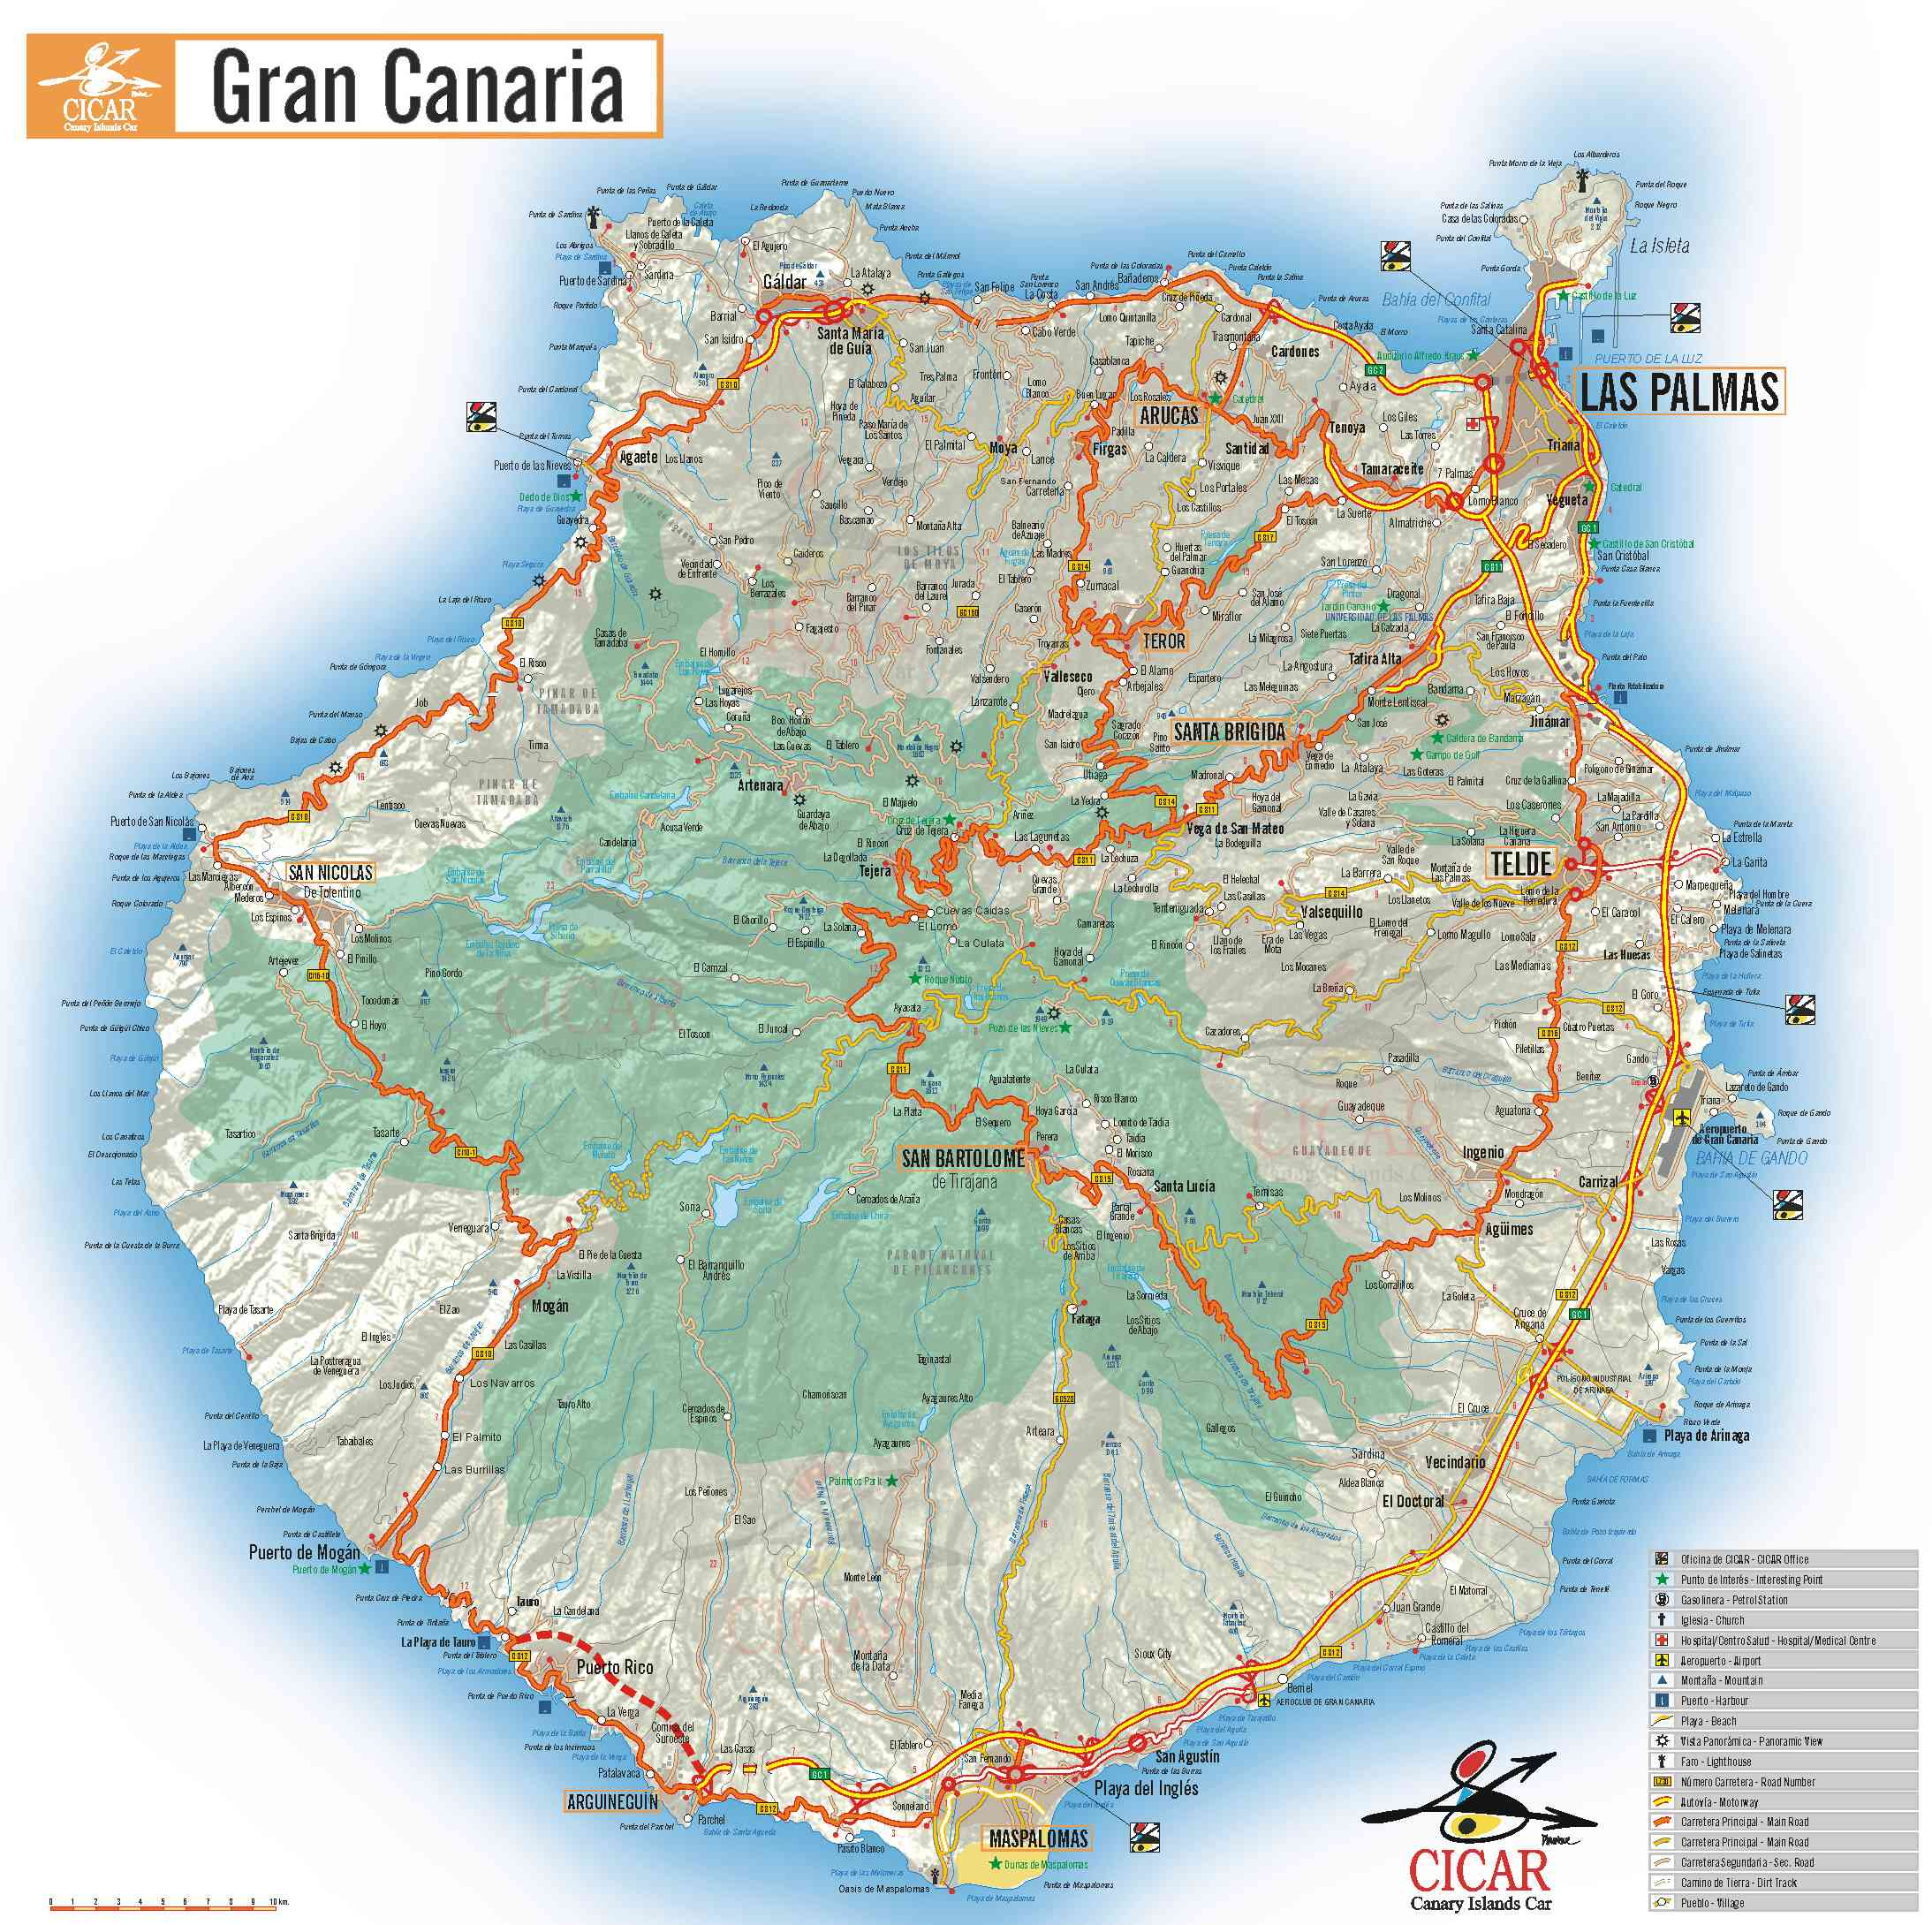 karte von gran canaria Karte Gran Canaria   Grosse detaillierte Karte Gran Canaria karte von gran canaria